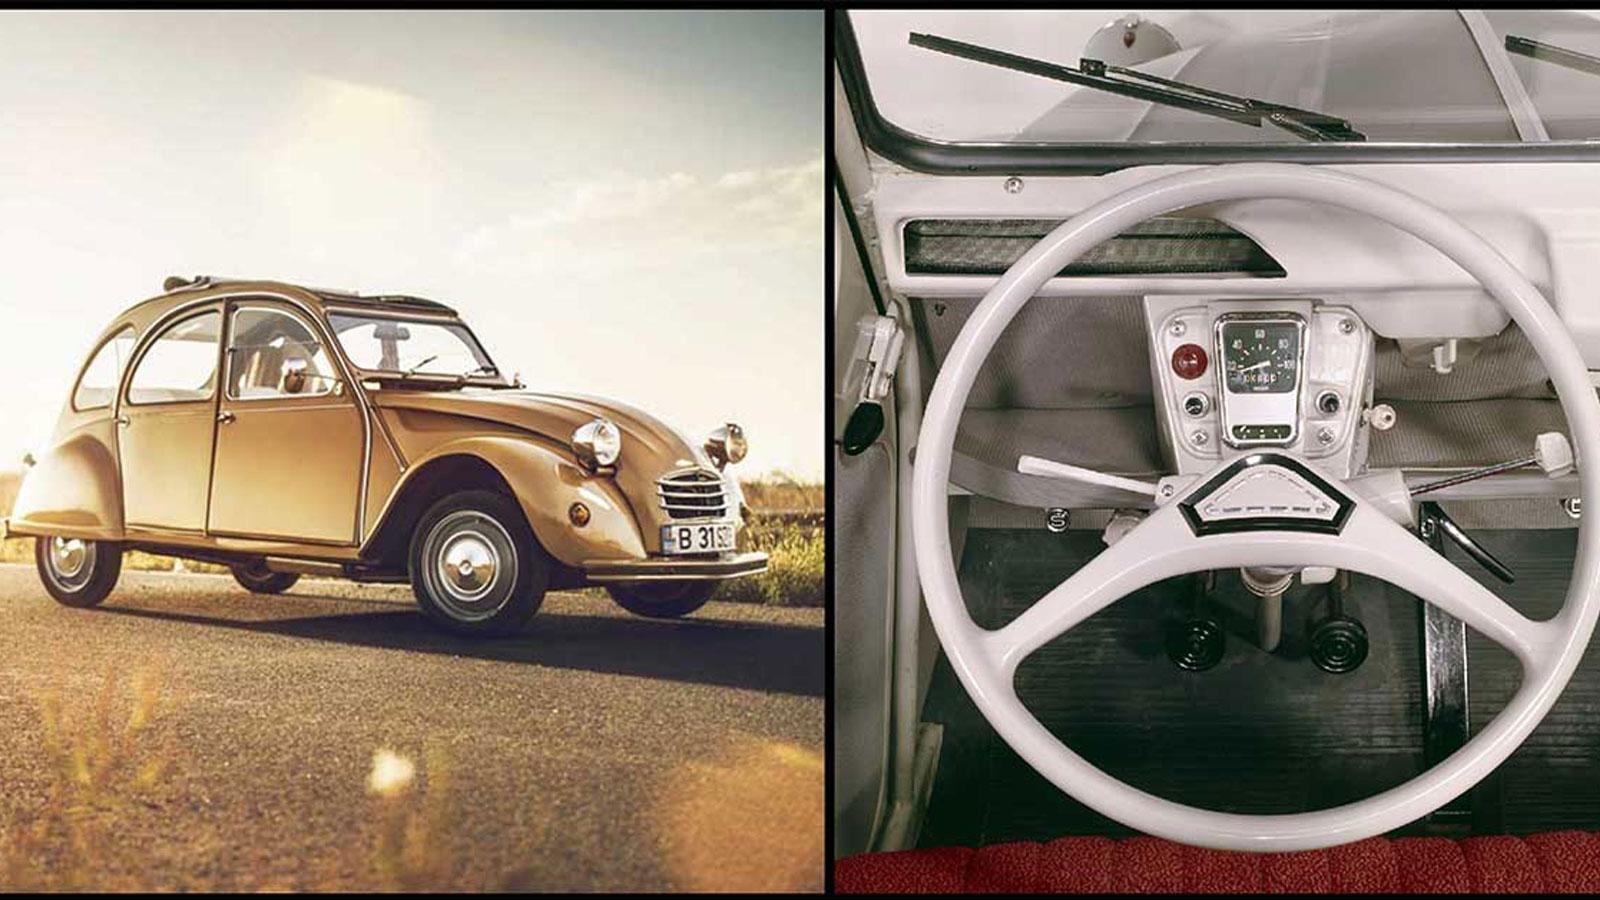 Το Citroën 2CV, στην εποχή του, έφερε την επανάσταση στην αυτοκινητοβιομηχανία και στην κοινωνία δείχνοντας το δρόμο στην κατασκευή οικονομικών, δημοφιλών και ταυτόχρονα πολυτάλαντων αυτοκινήτων.